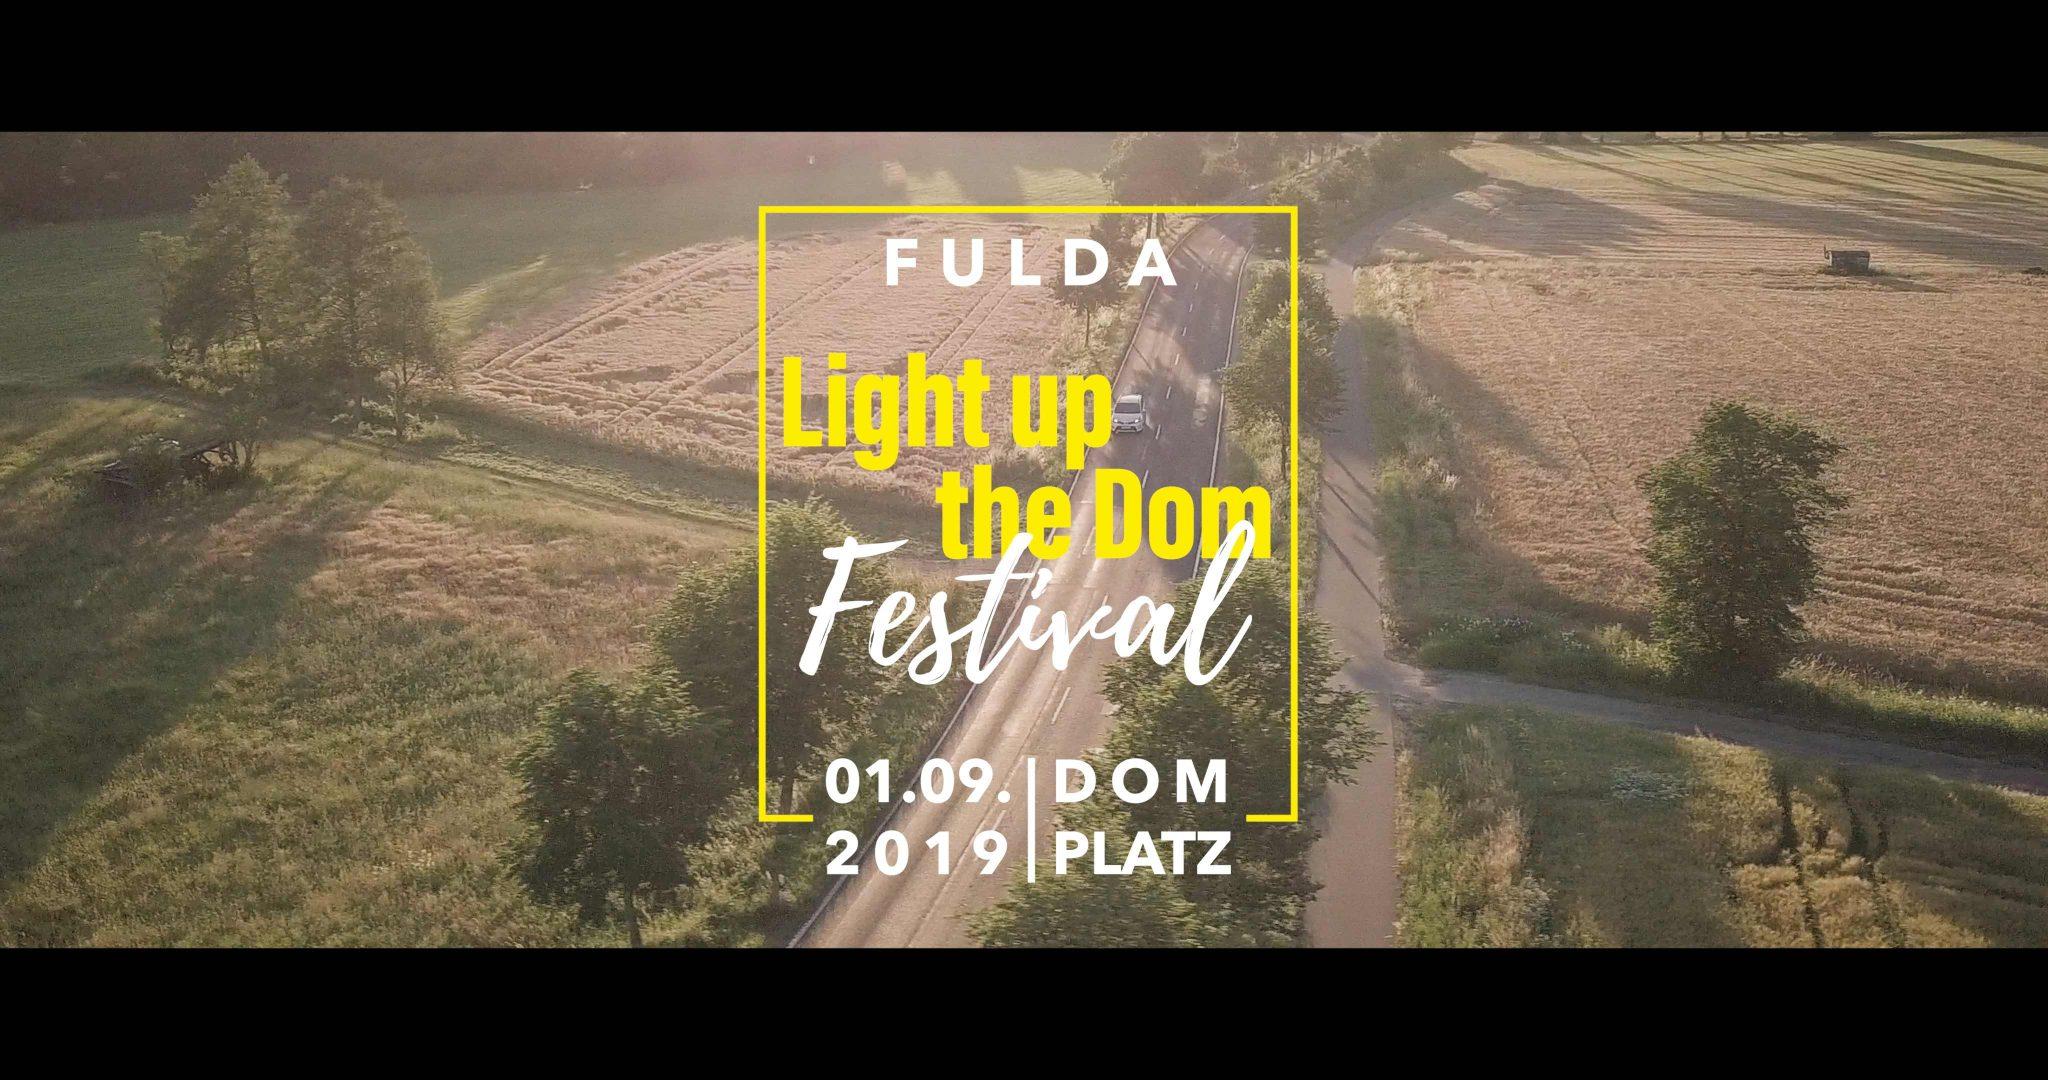 Imagefilm Fulda